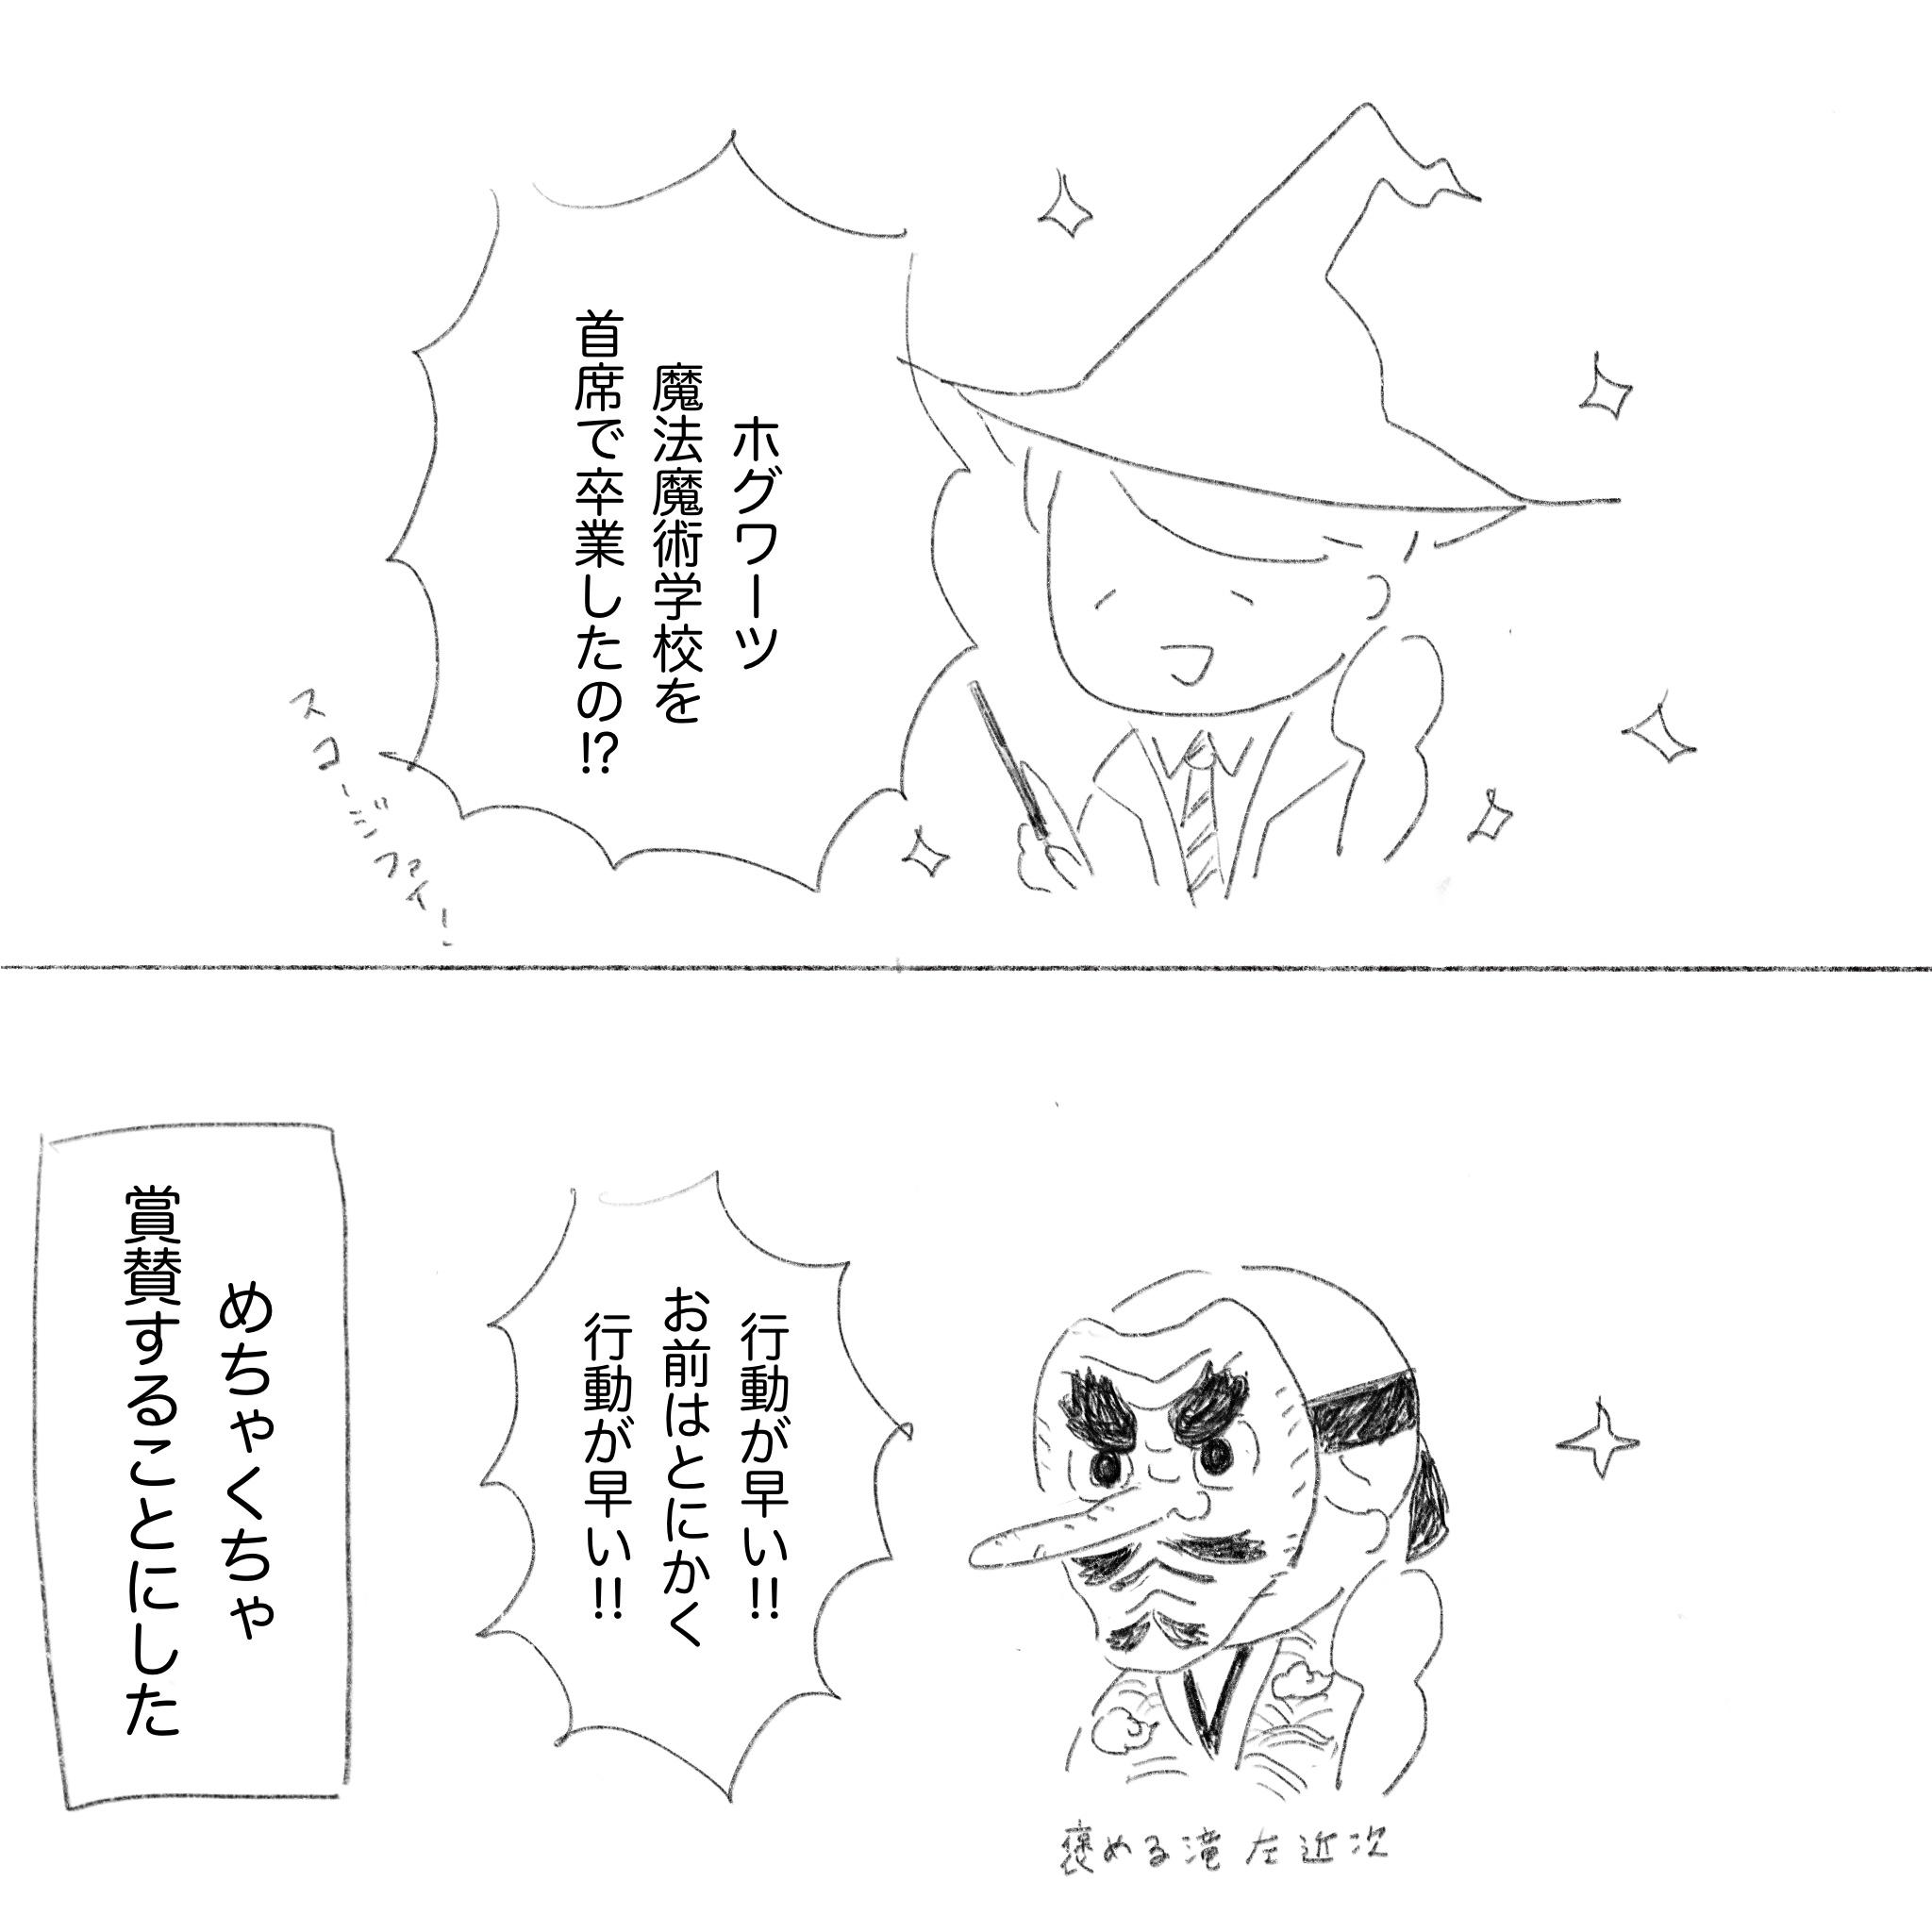 「ホグワーツ魔法魔術学校を主席で卒業したの!?」 「行動が早い!!お前はとにかく行動が早い!!」(褒める滝左近次) めちゃくちゃ賞賛することにした